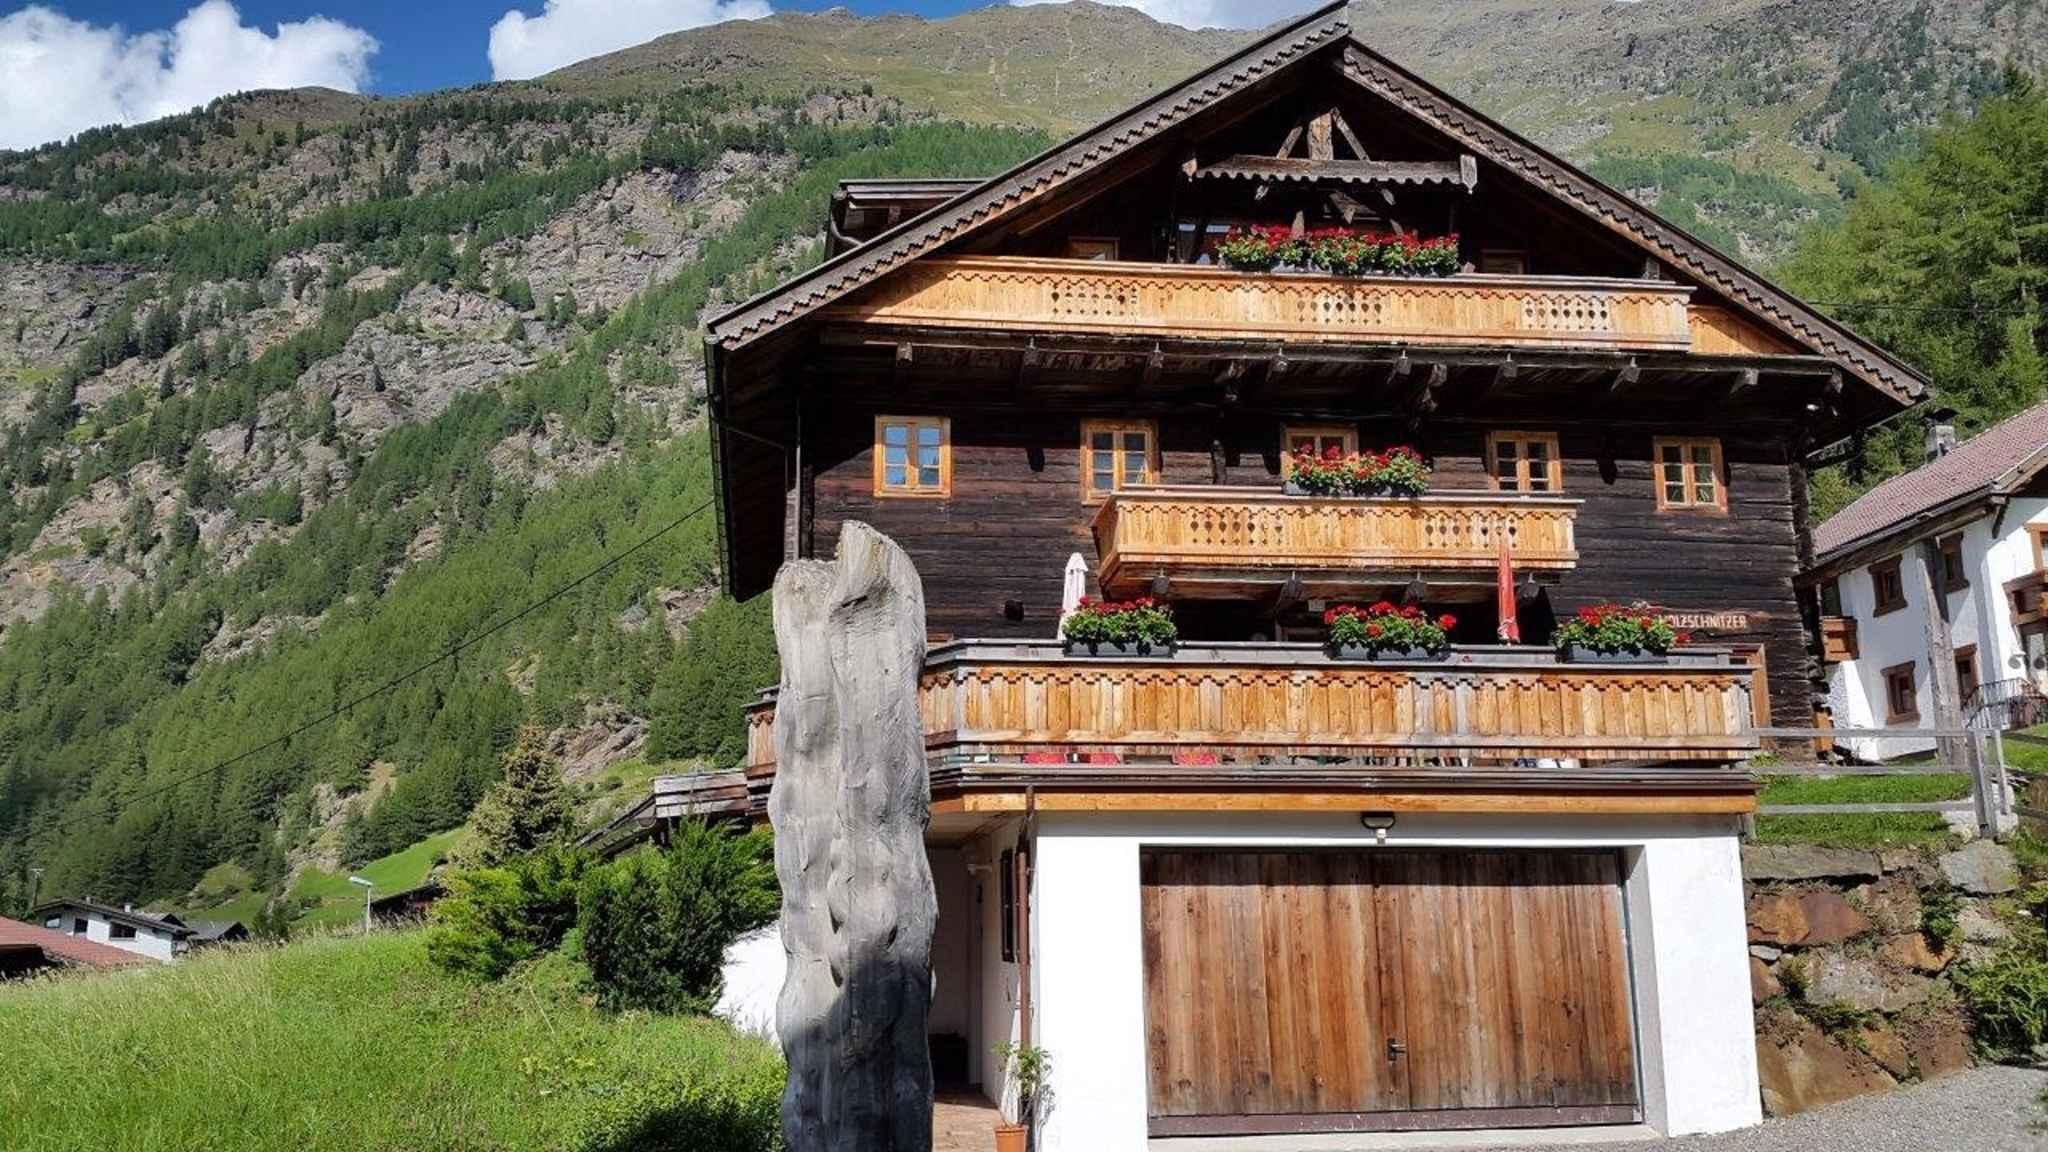 Ferienwohnung in einem über 300 Jahre alten Holzhaus (283708), Sölden (AT), Ötztal, Tirol, Österreich, Bild 4